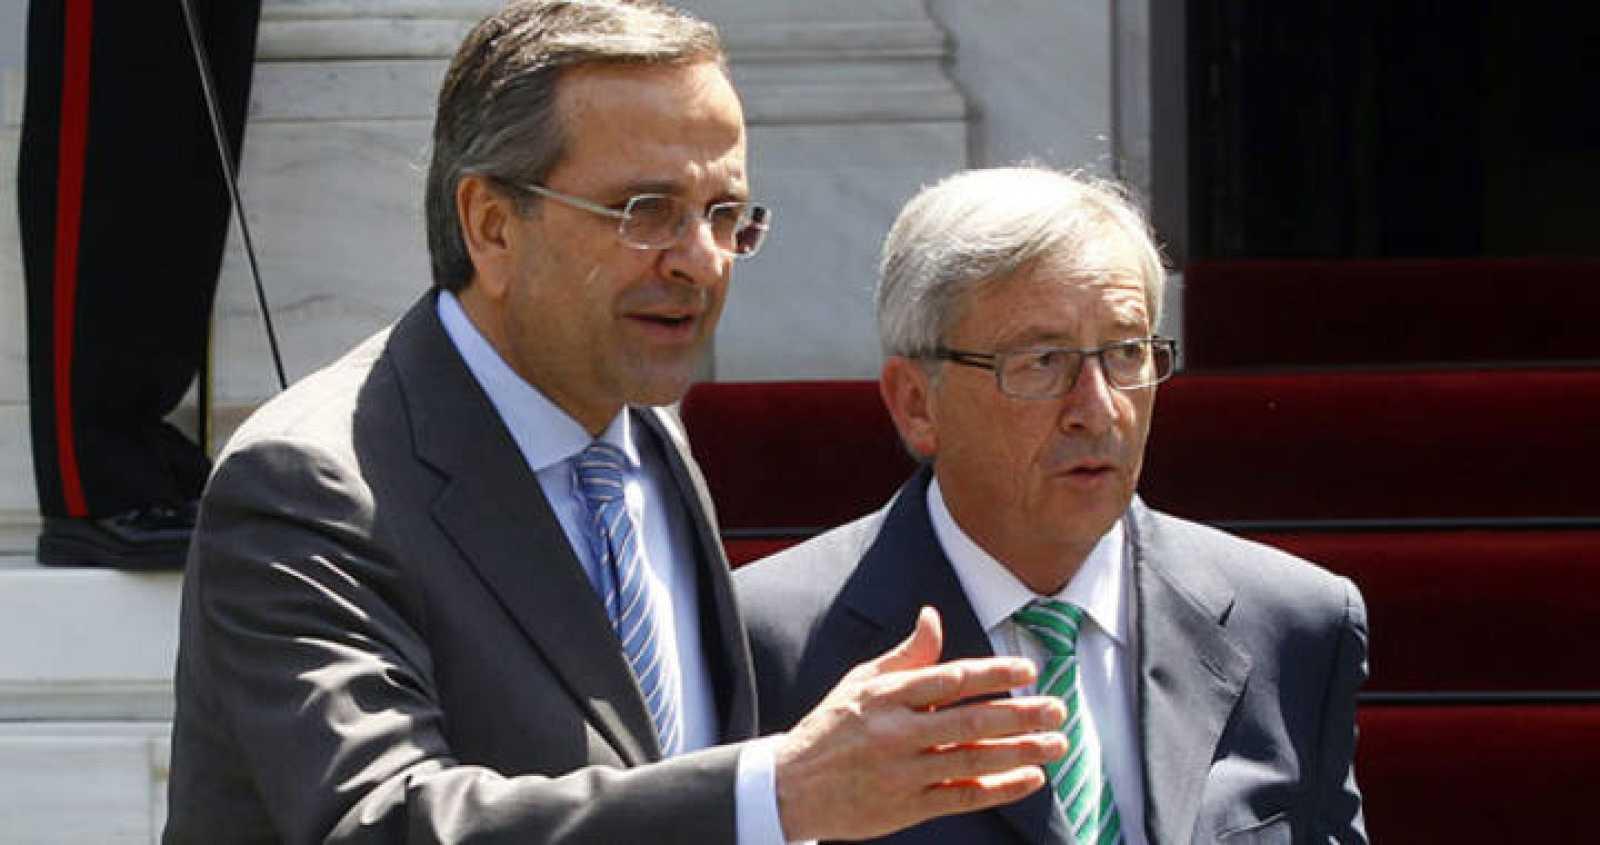 El jefe de Gobierno griego, Andonis Samarás, y el primer ministro luxemburgués, Jean-Claude Juncker, tras su reunión en Atenas este martes.